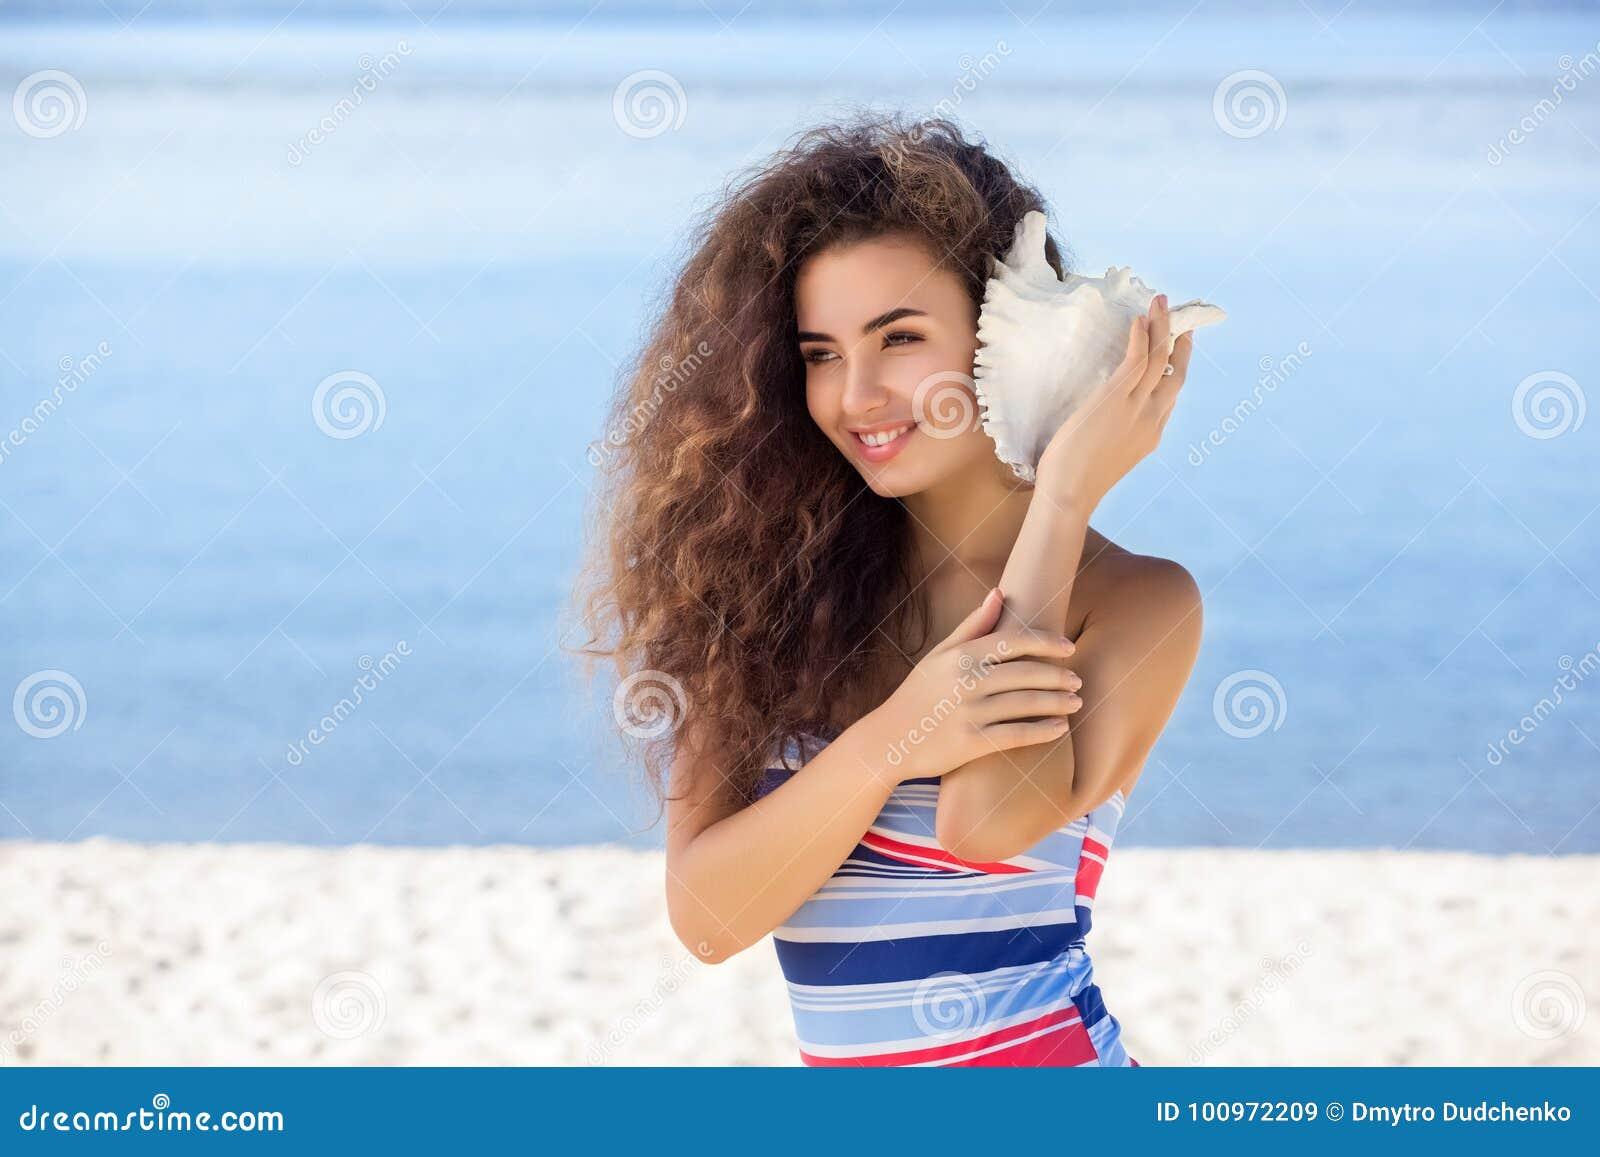 Potomstwa, atrakcyjna dziewczyna z białą skorupą na plaży